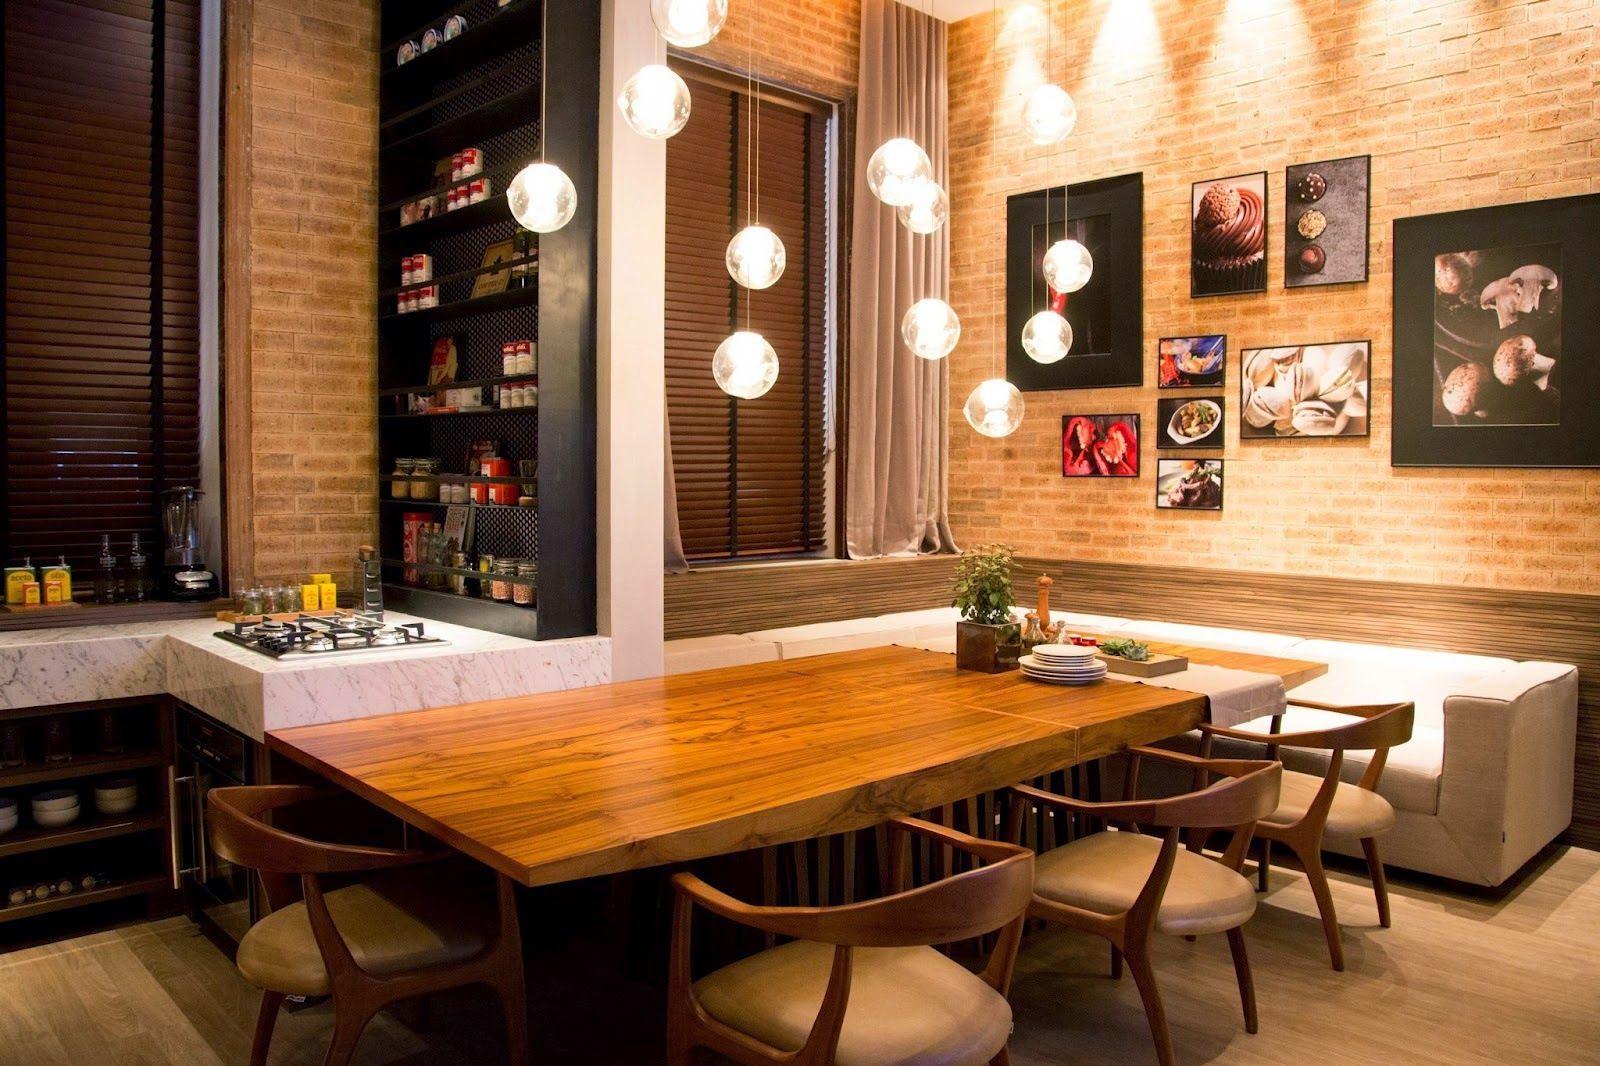 Mesas Com Sof S E Bancos Otimize Espa O E Modernize Sua Cozinha E